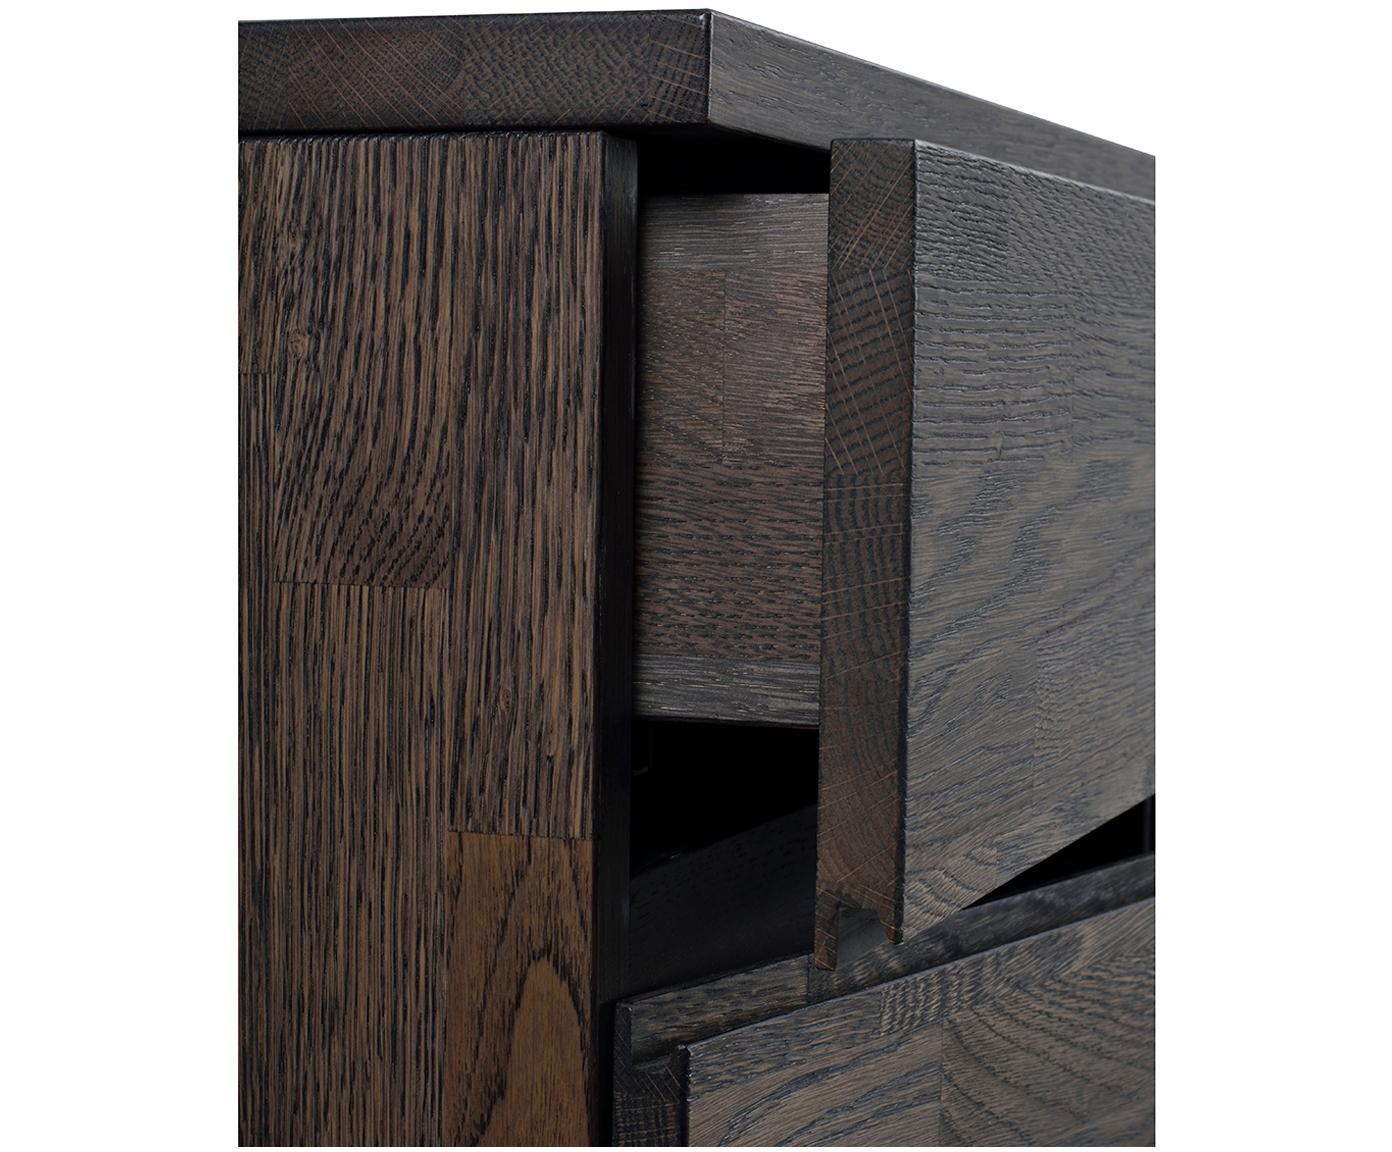 Sideboard Fred aus Eichenholz, dunkel, Beine: Stahl, lackiert, Korpus und Fronten: Eiche, Dunkelgrau gebeizt<br>Beine: Schwarz, 170 x 79 cm